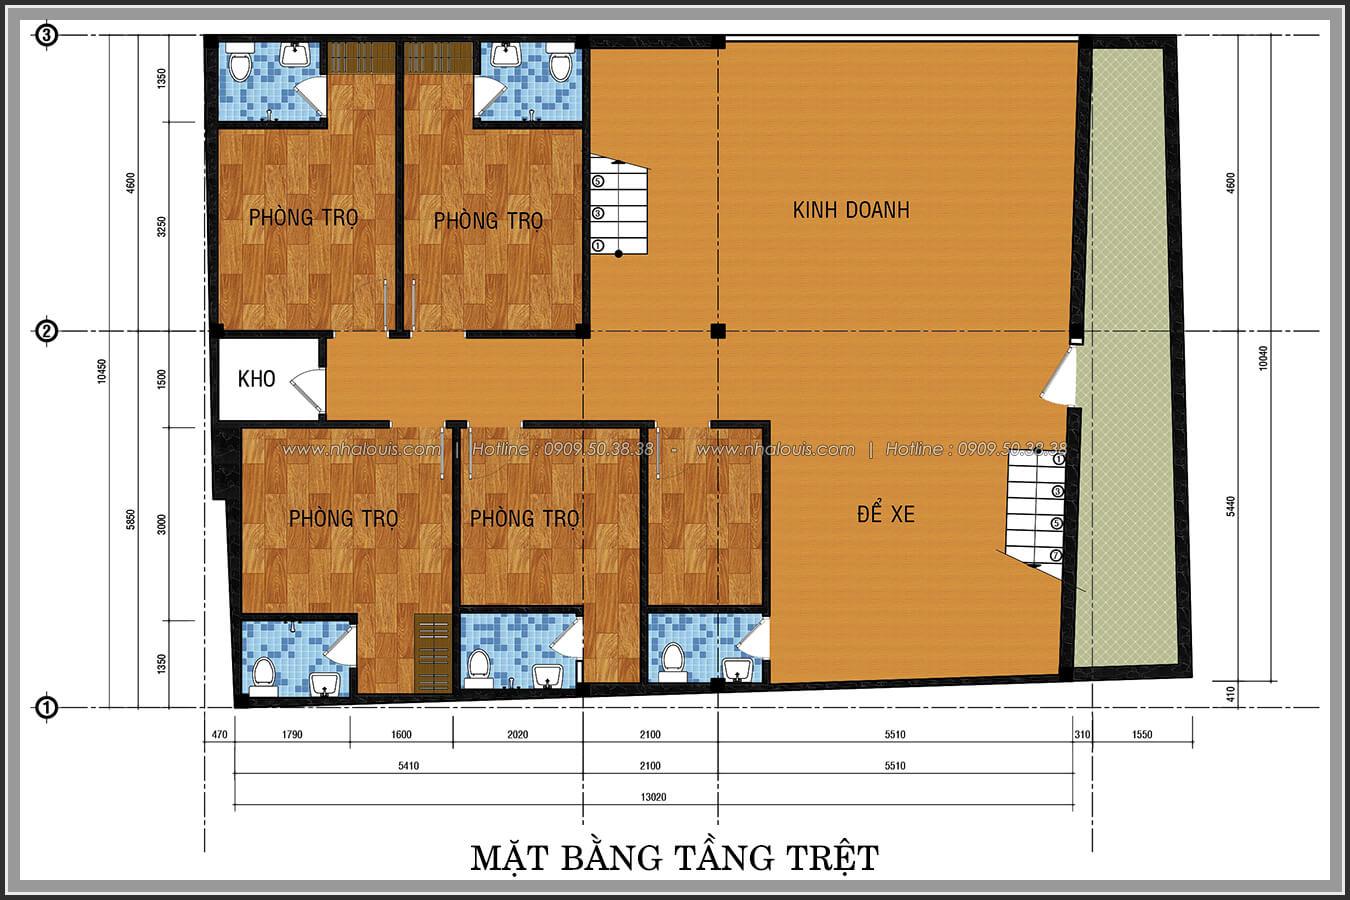 Mặt bằng tầng trệt thiết kế phòng trọ 15m2 tại Quận Bình Thạnh - 3